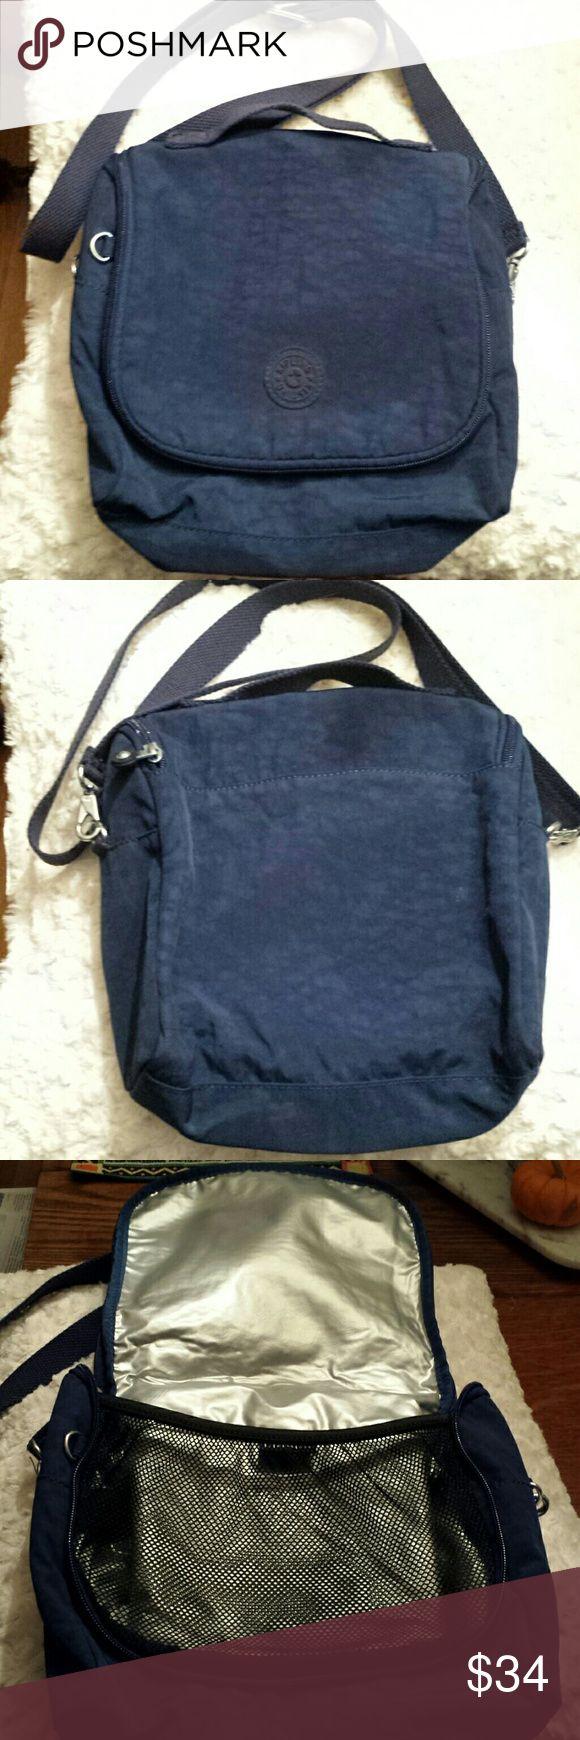 Kipling Kichirou Paradise Crossbody Lunch Bag Kipling - Navy Crossbody Insulated lunch bag Good condition / gently used Kipling  Bags Crossbody Bags